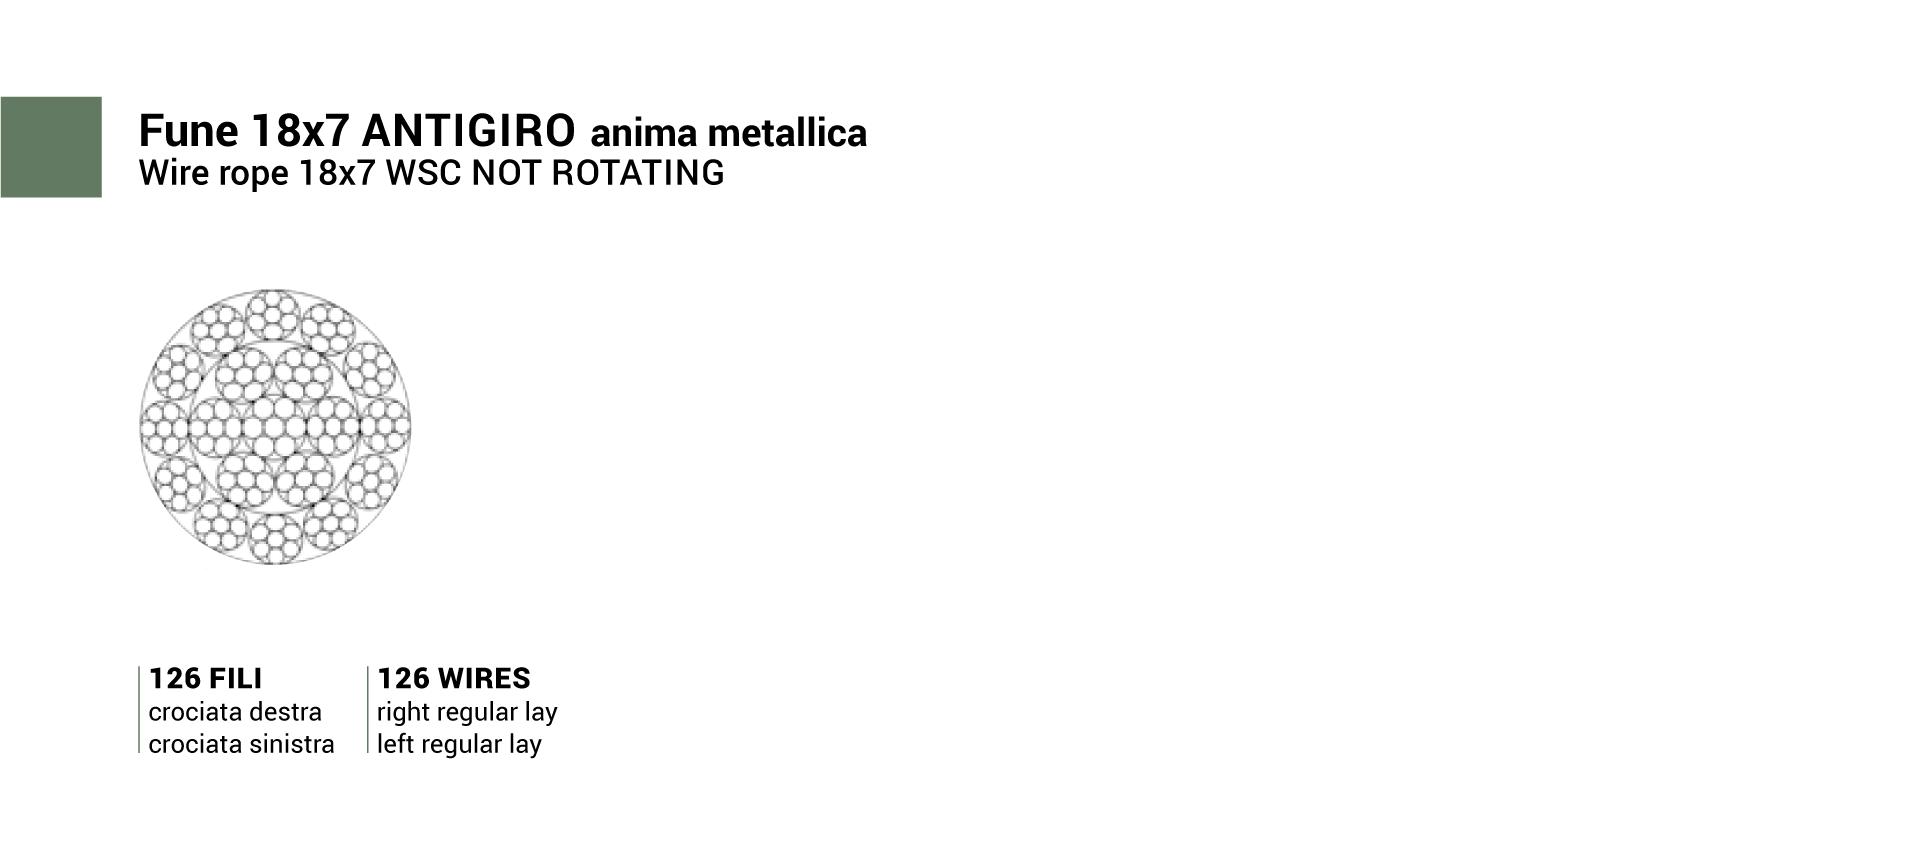 Fune inox 18x7 ANTIGIRO anima metallica